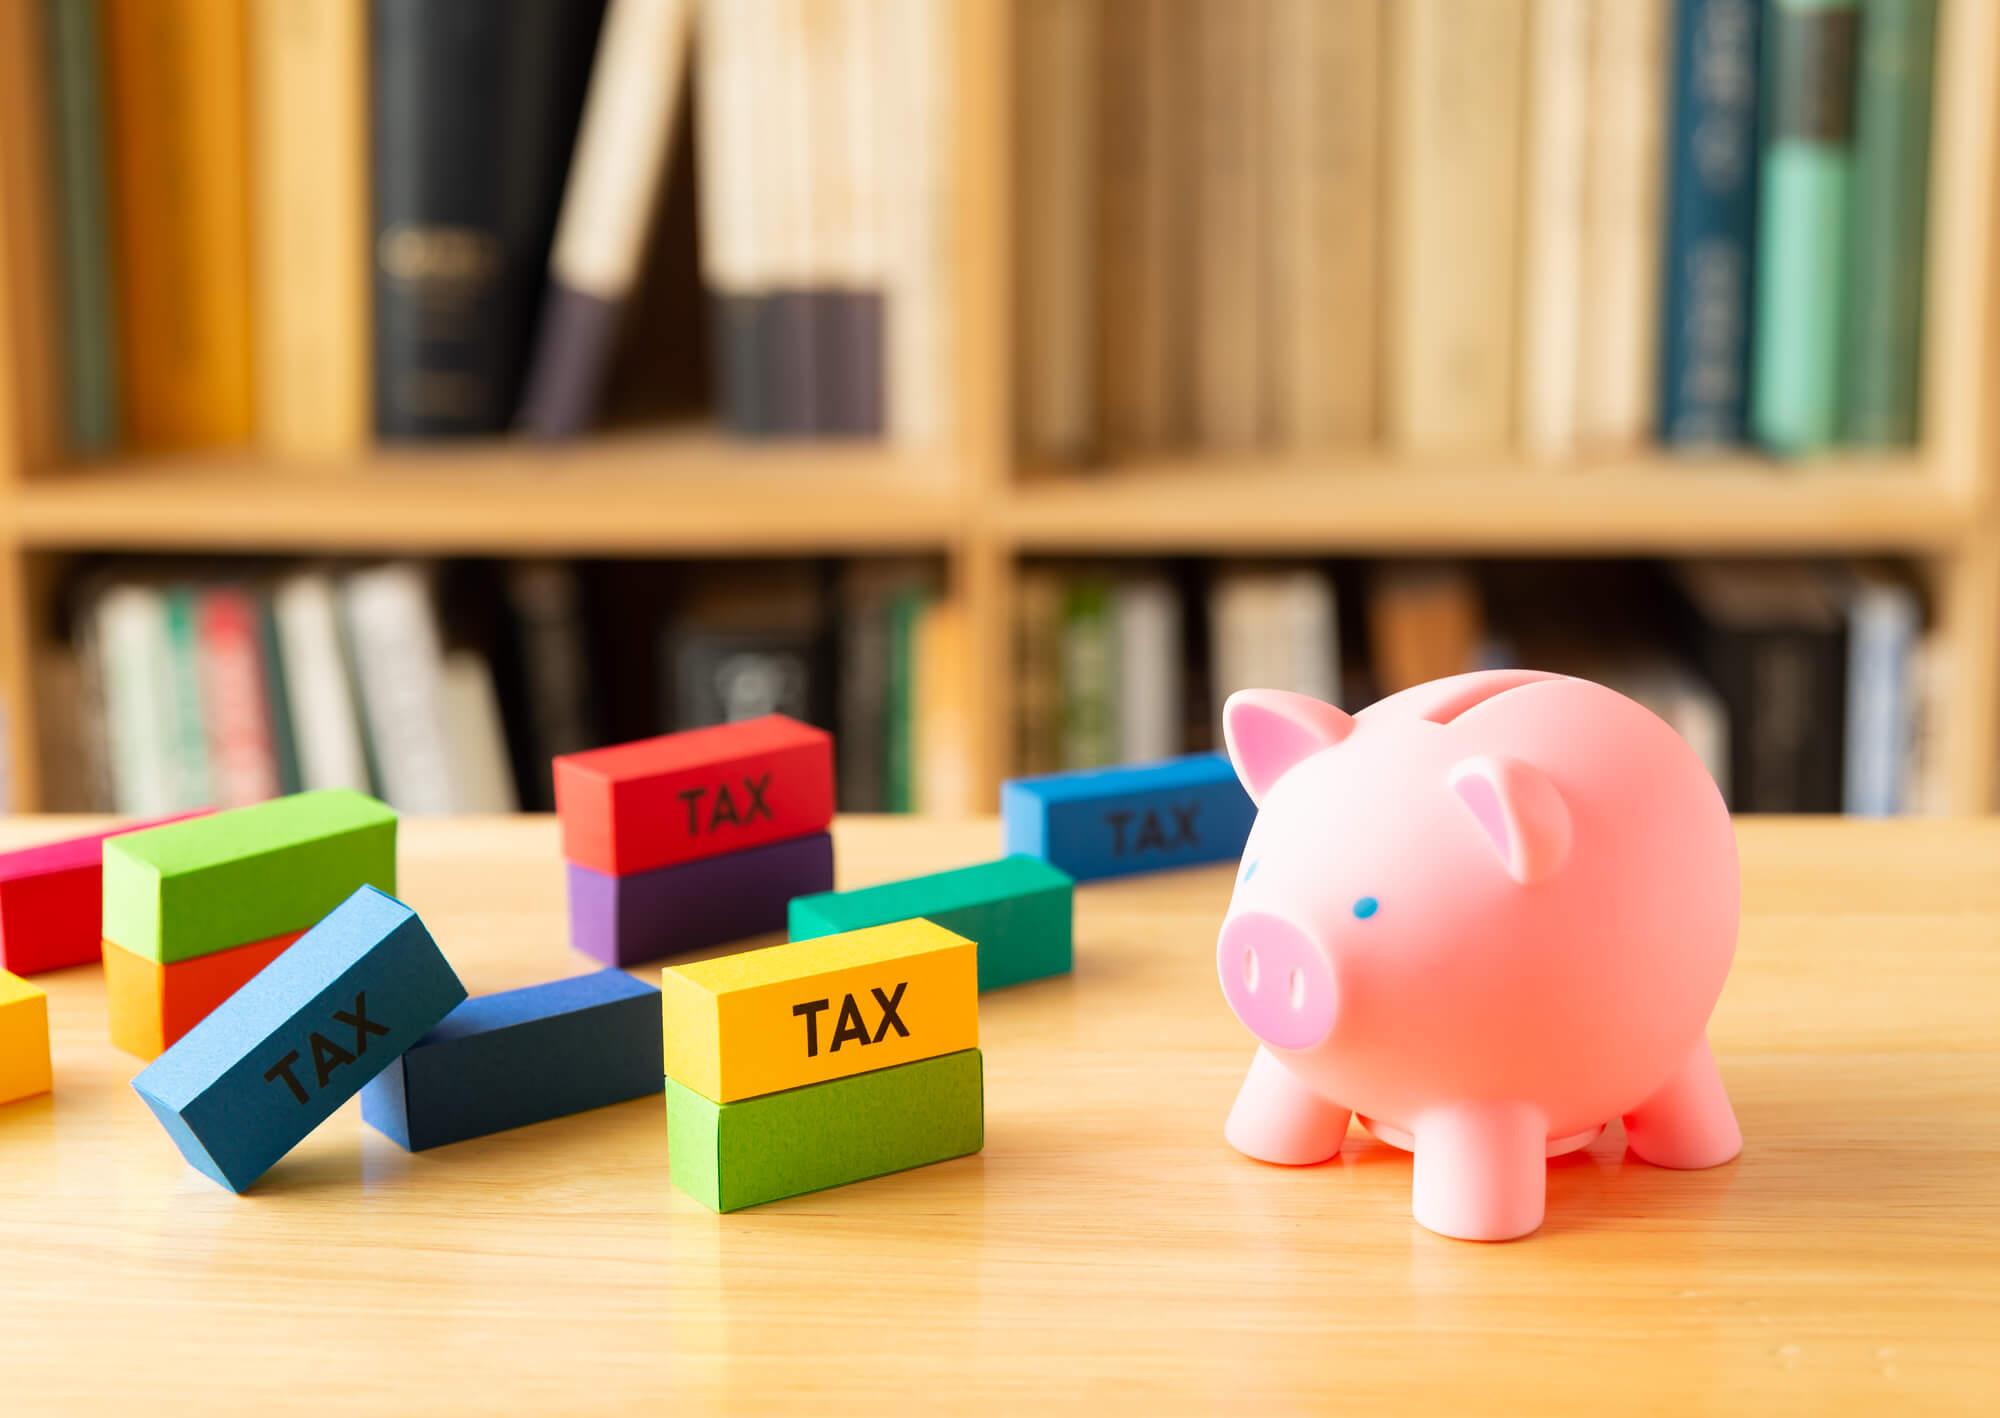 豚の貯金箱と税金